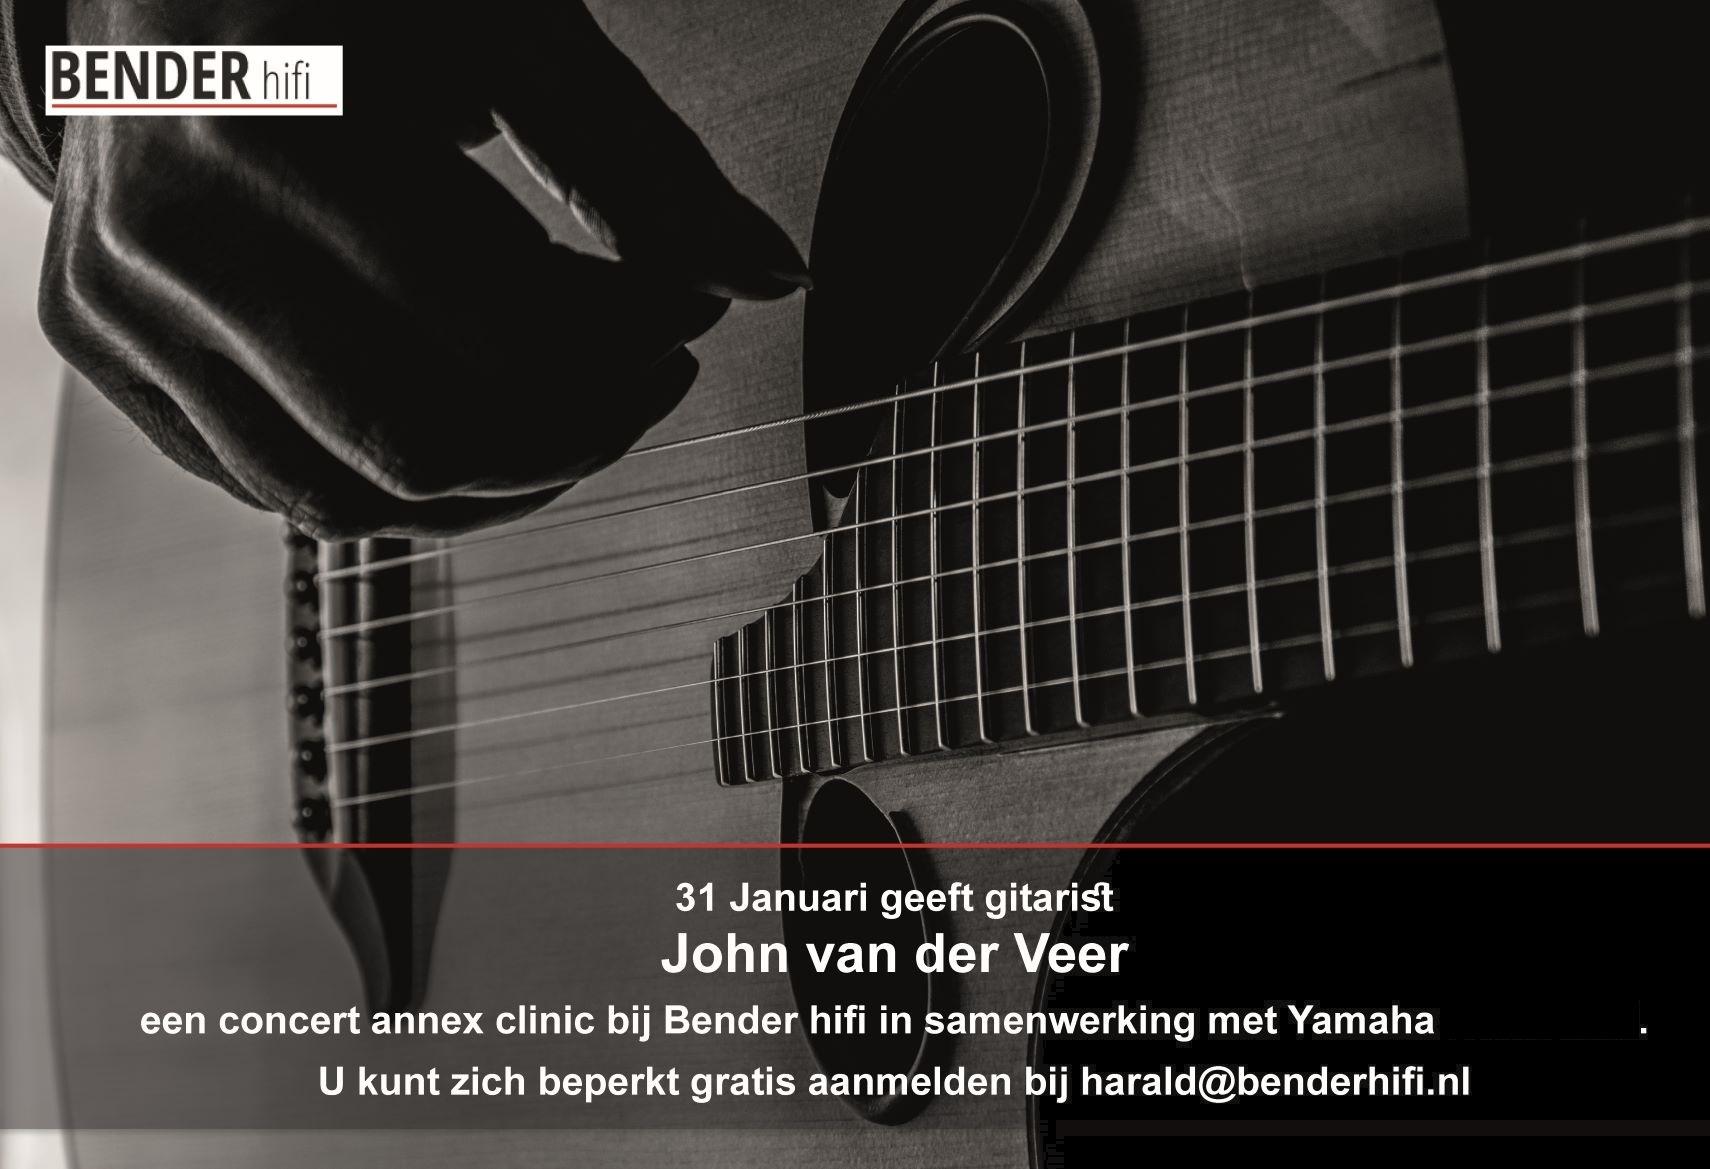 Optreden gitarist John van der Veer bij Bender hifi